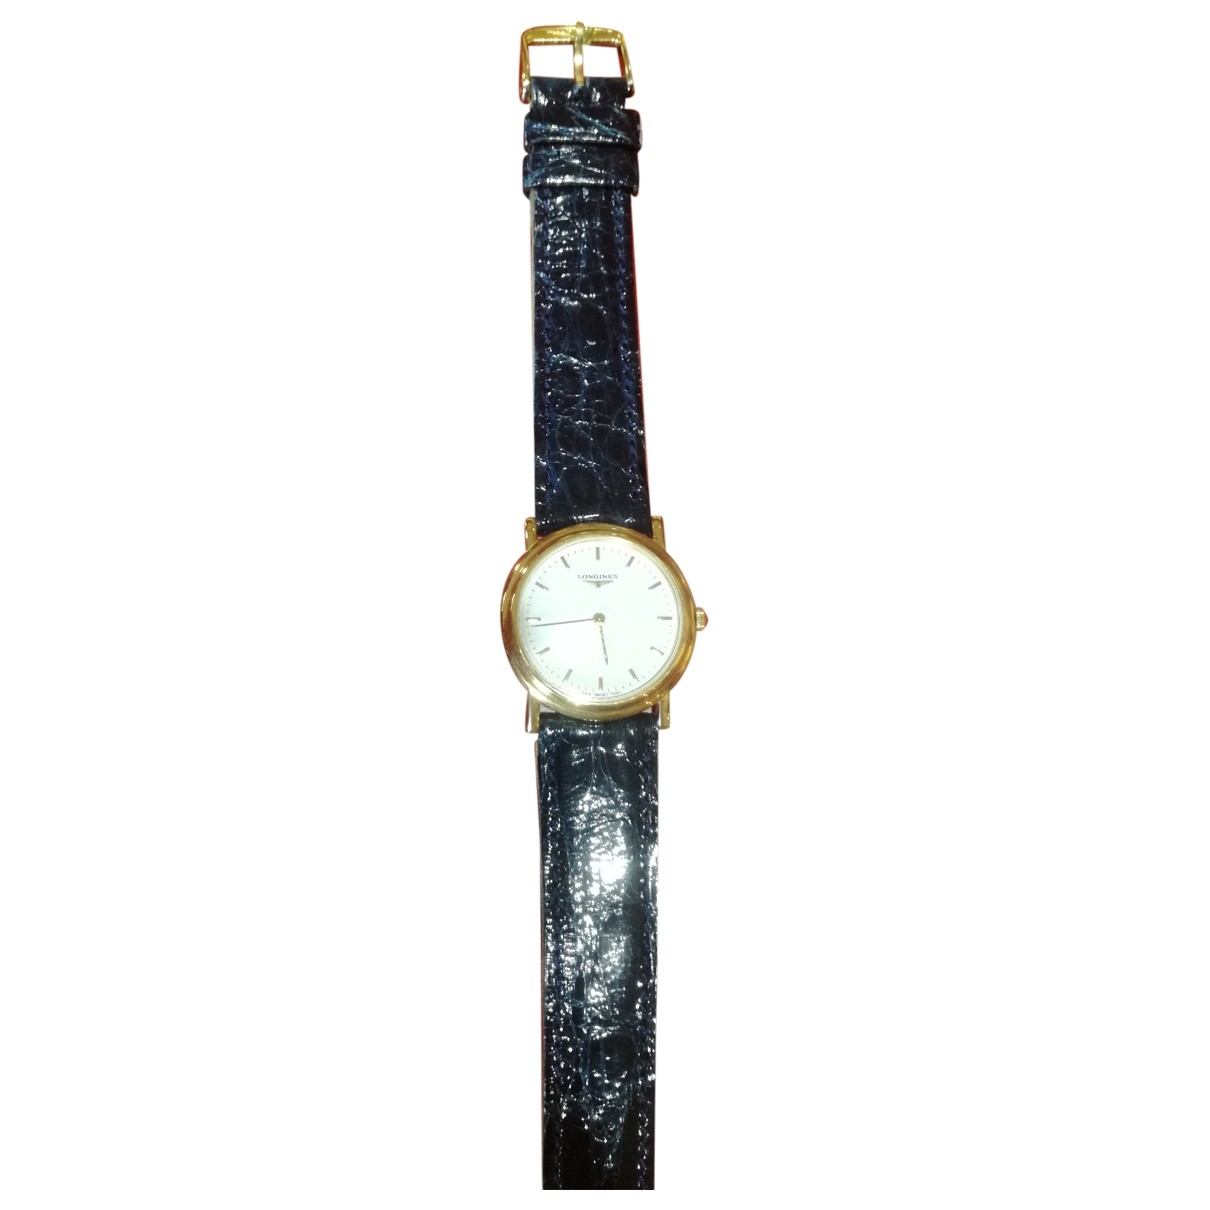 Longines \N Uhr in  Weiss Gelbgold